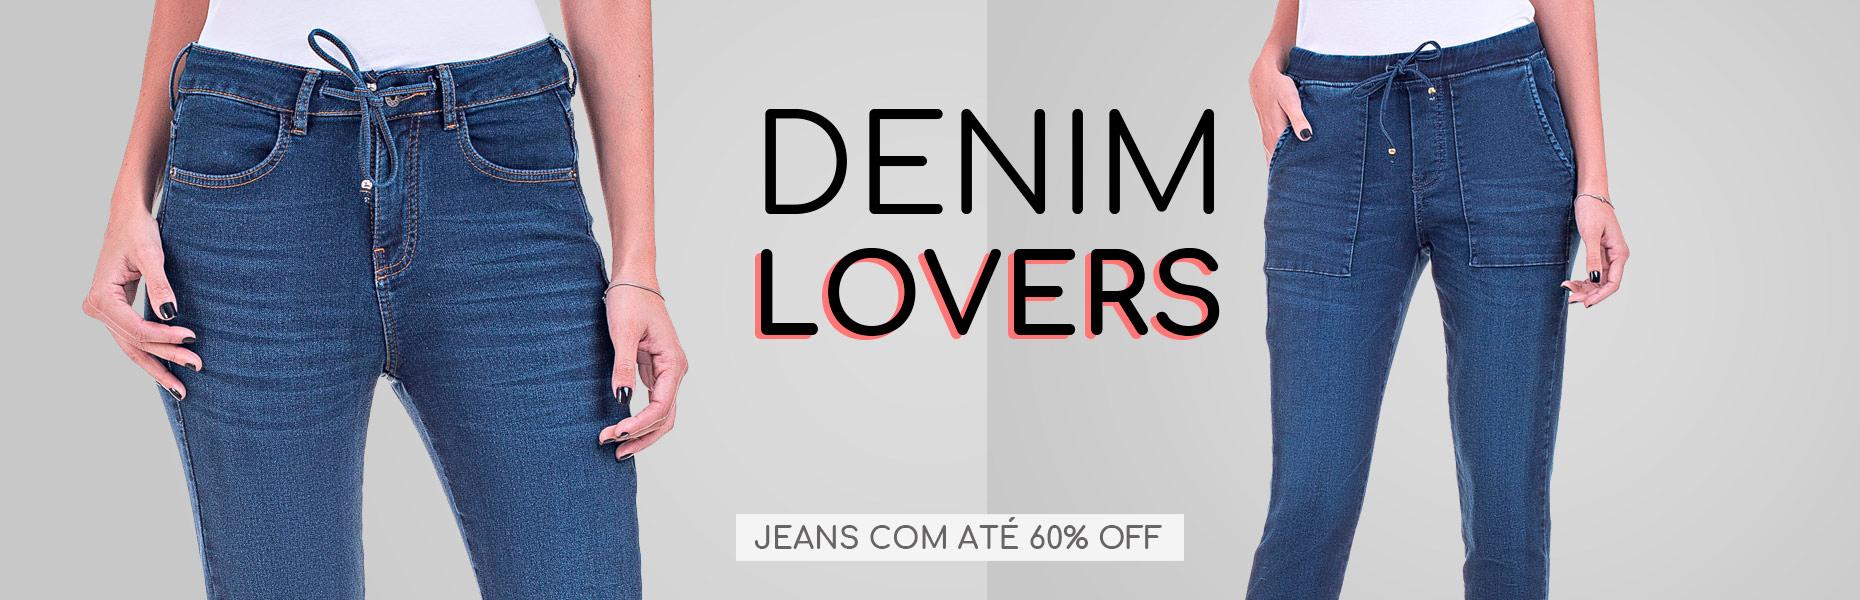 Calça Jeans com Descontos de Até 60%